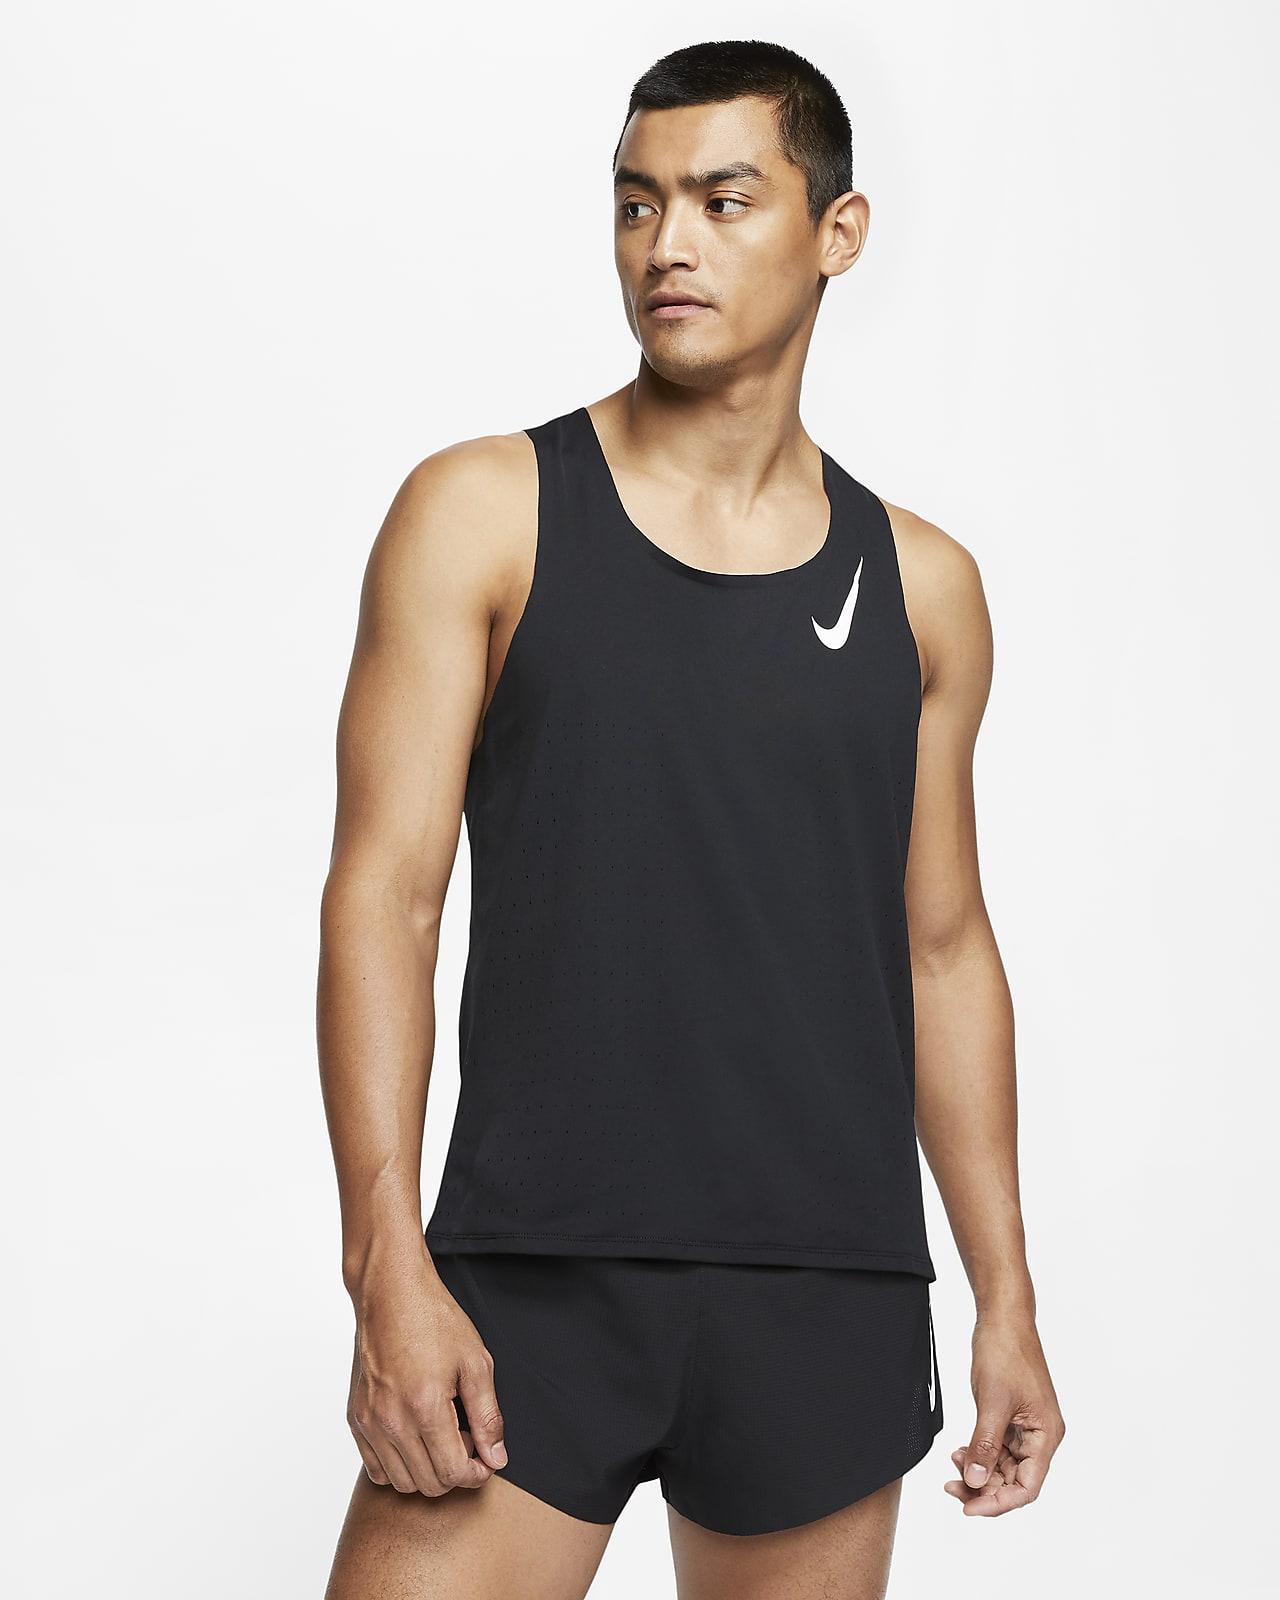 Nike Slimming Vest 3 kg kaalulangus 20 paeva jooksul